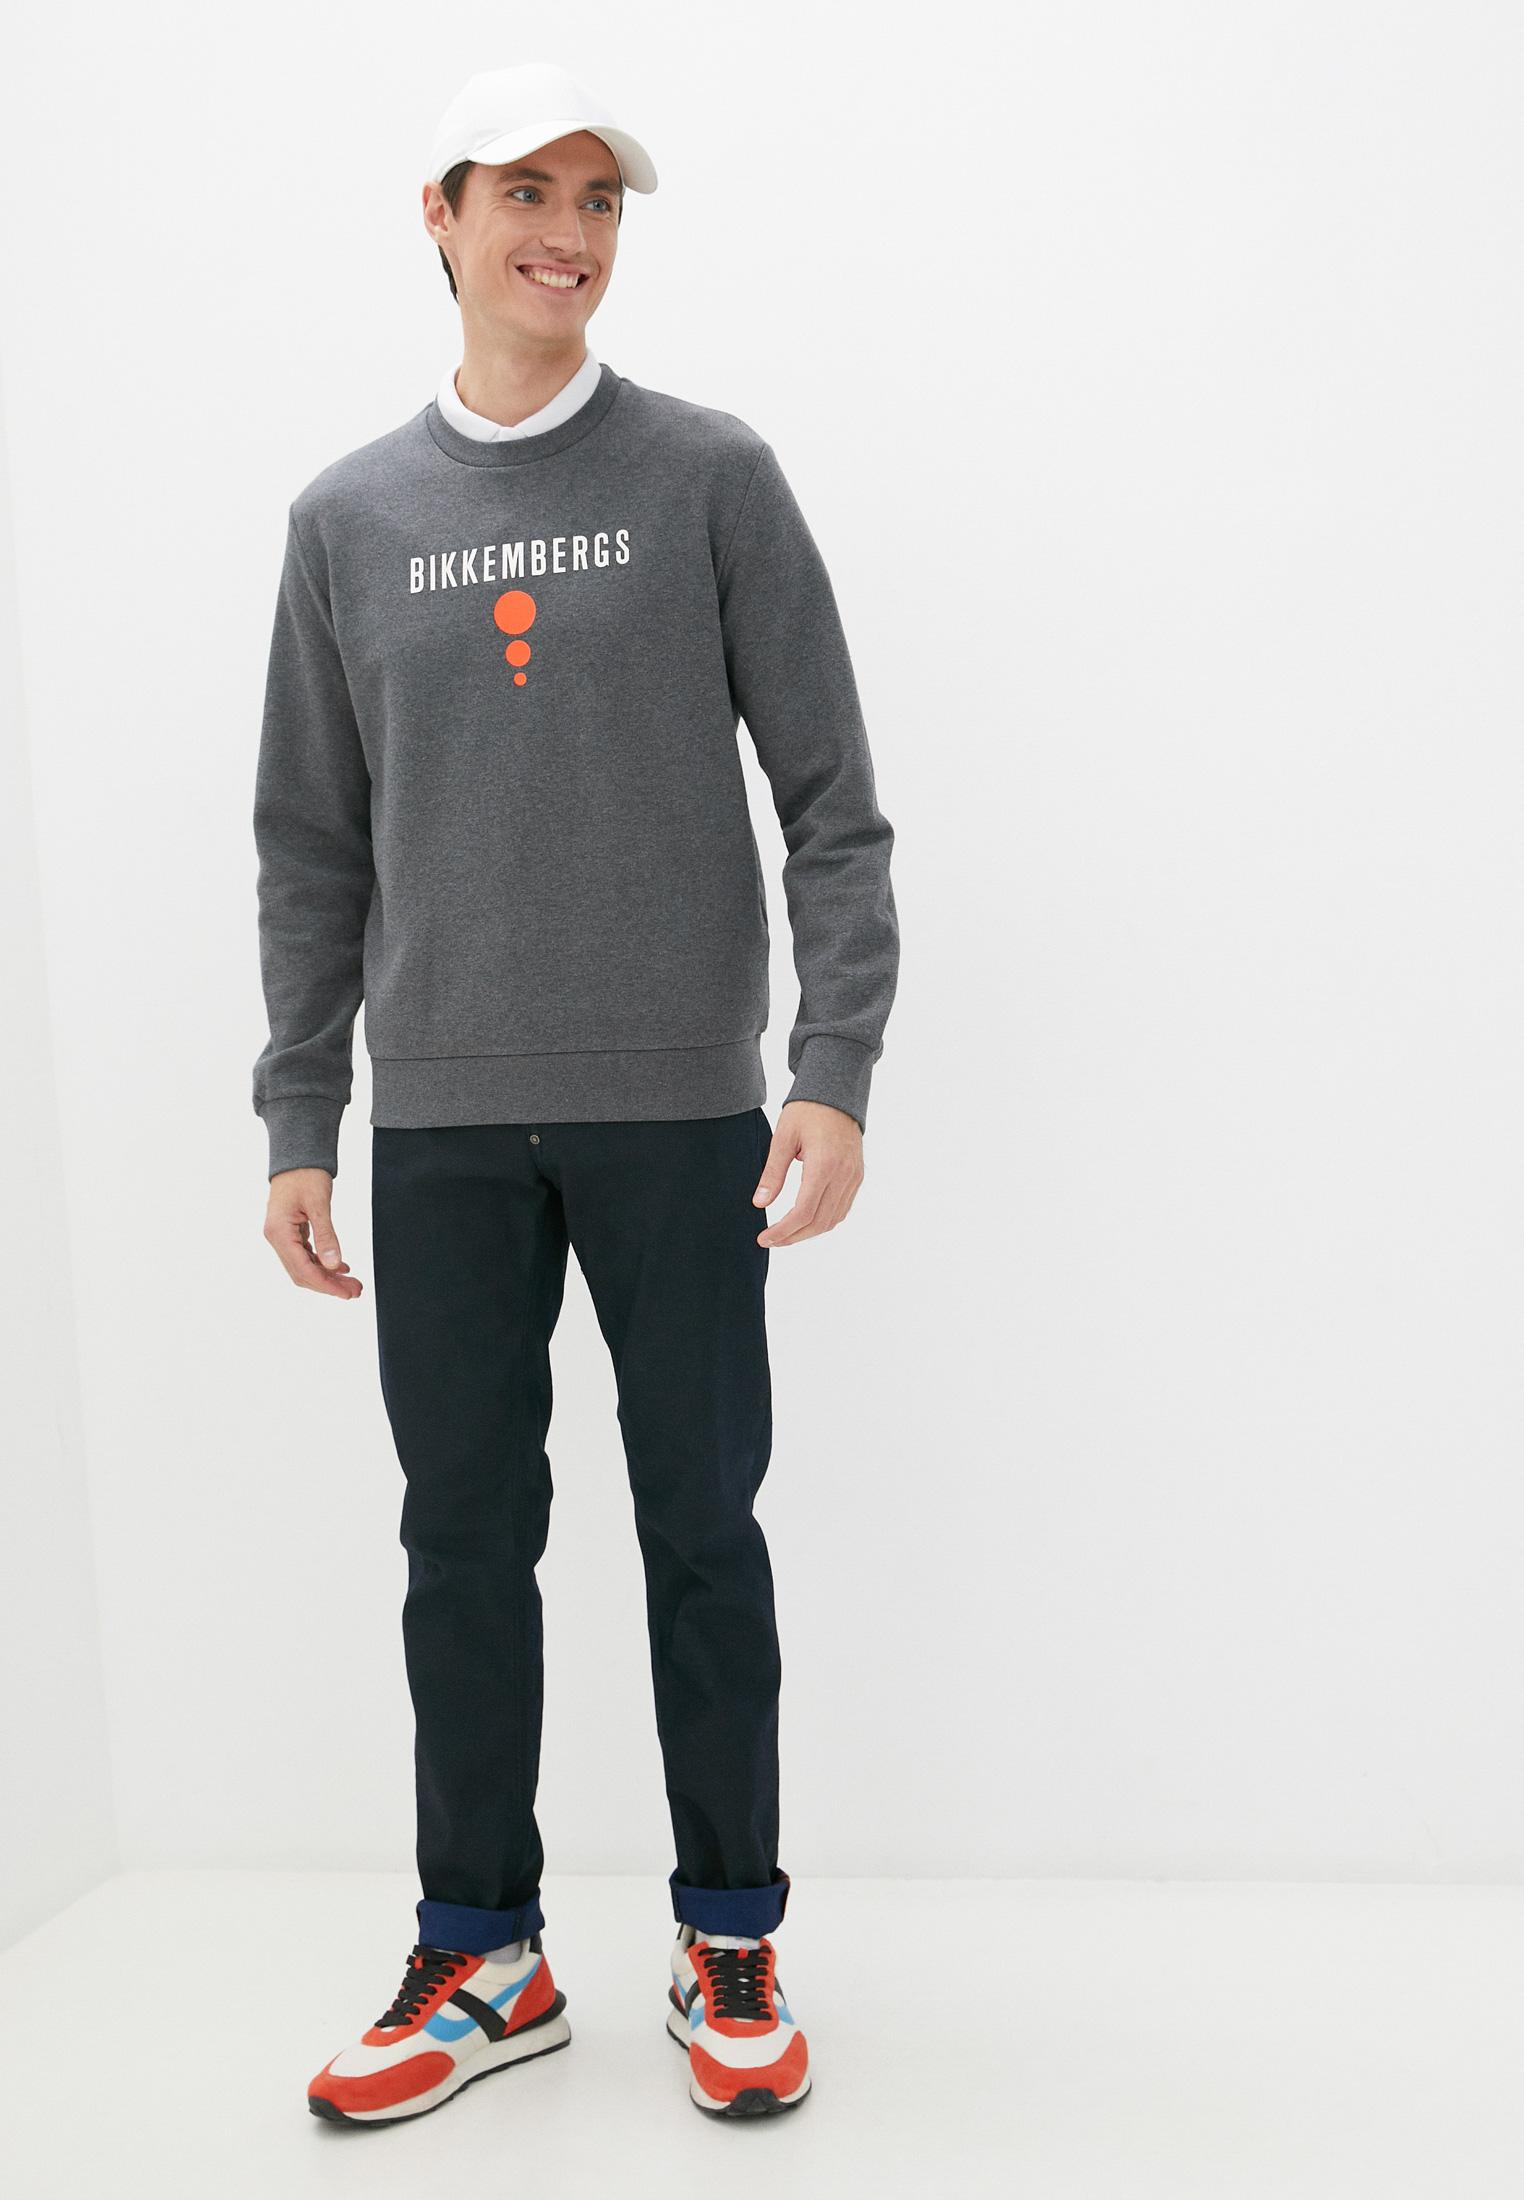 Мужские зауженные джинсы Bikkembergs (Биккембергс) C Q 101 18 S 3147: изображение 8